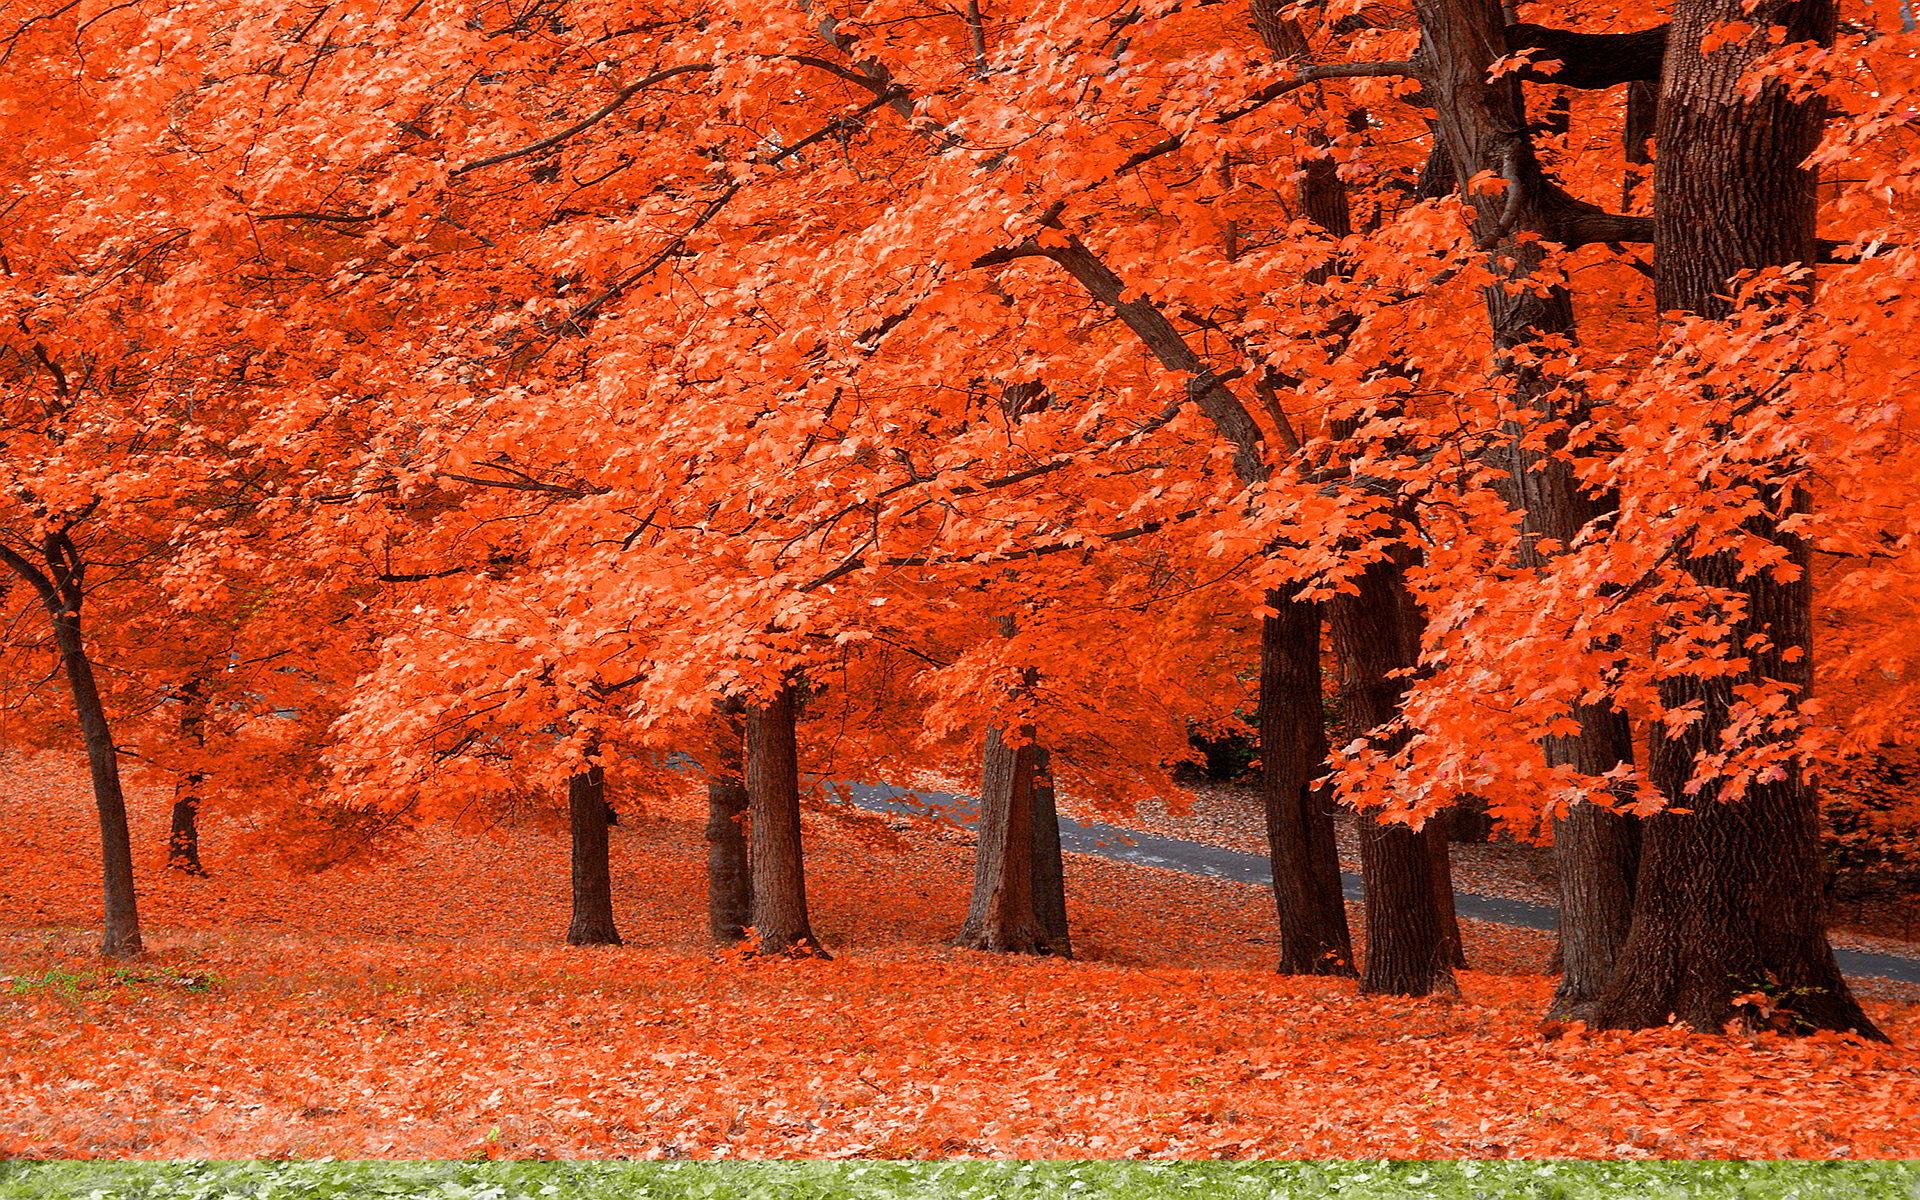 autumn widescreen wallpaper